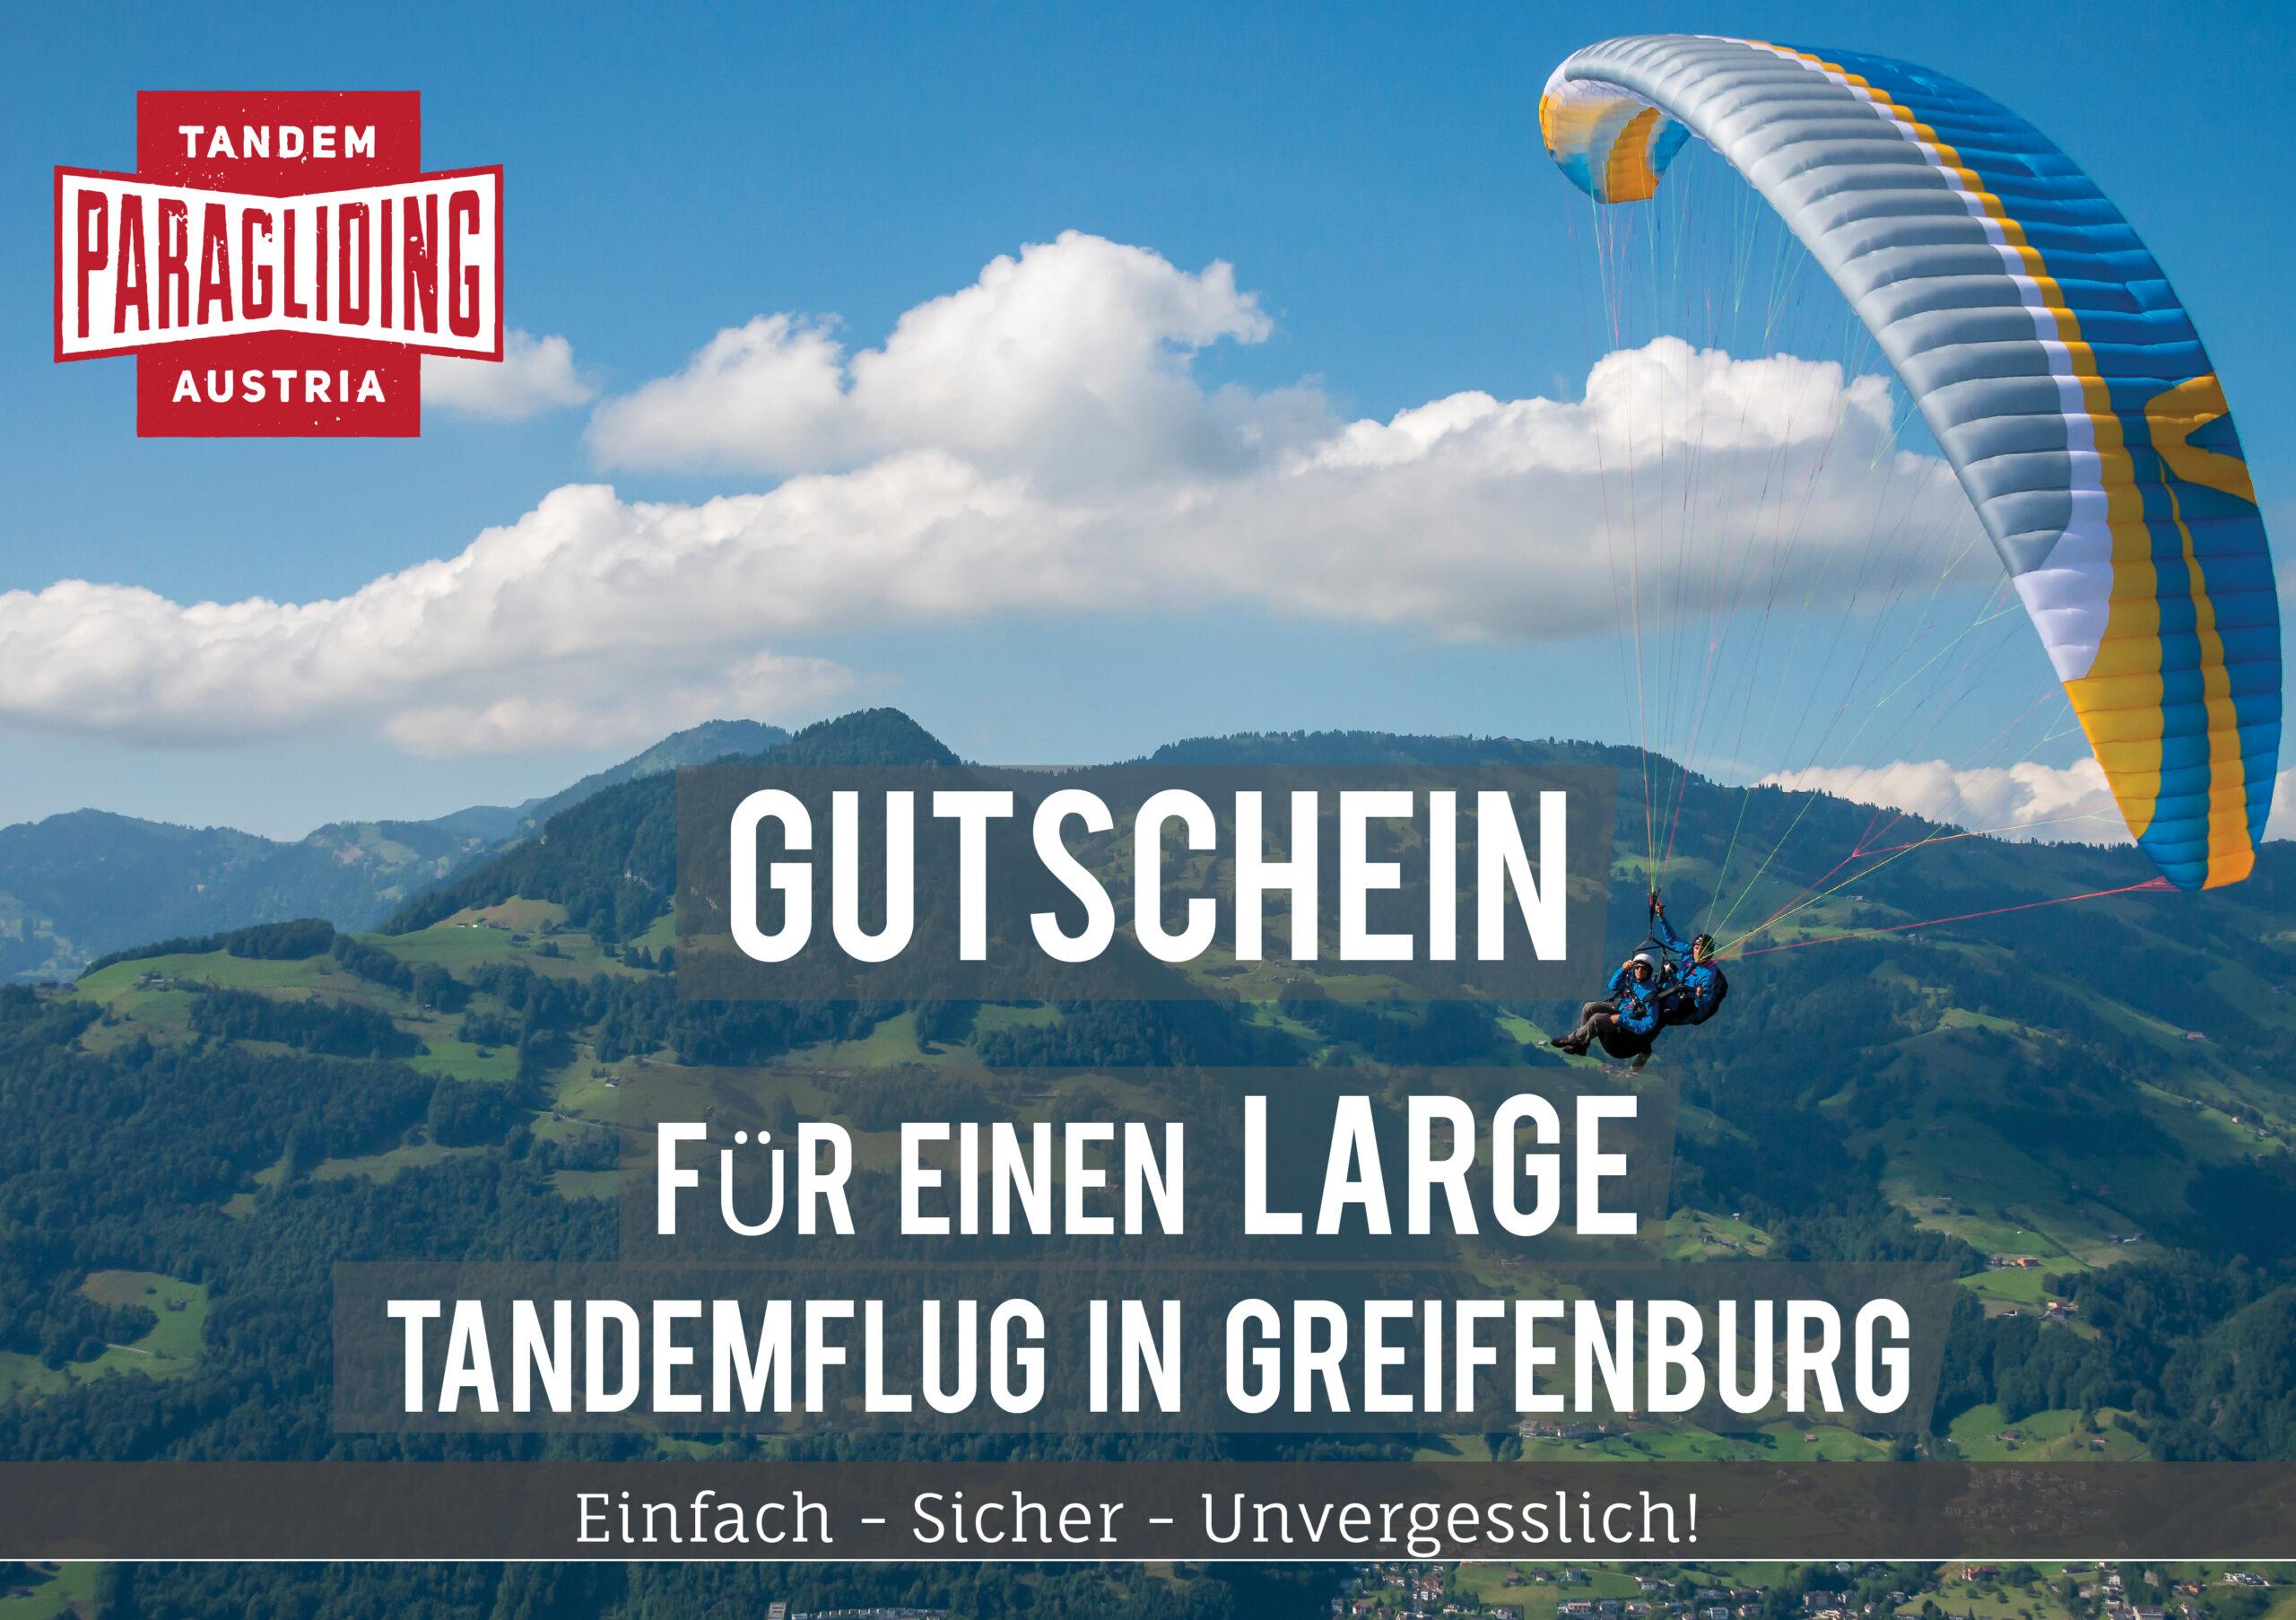 gutschein_LARGE_1124x793 01 01